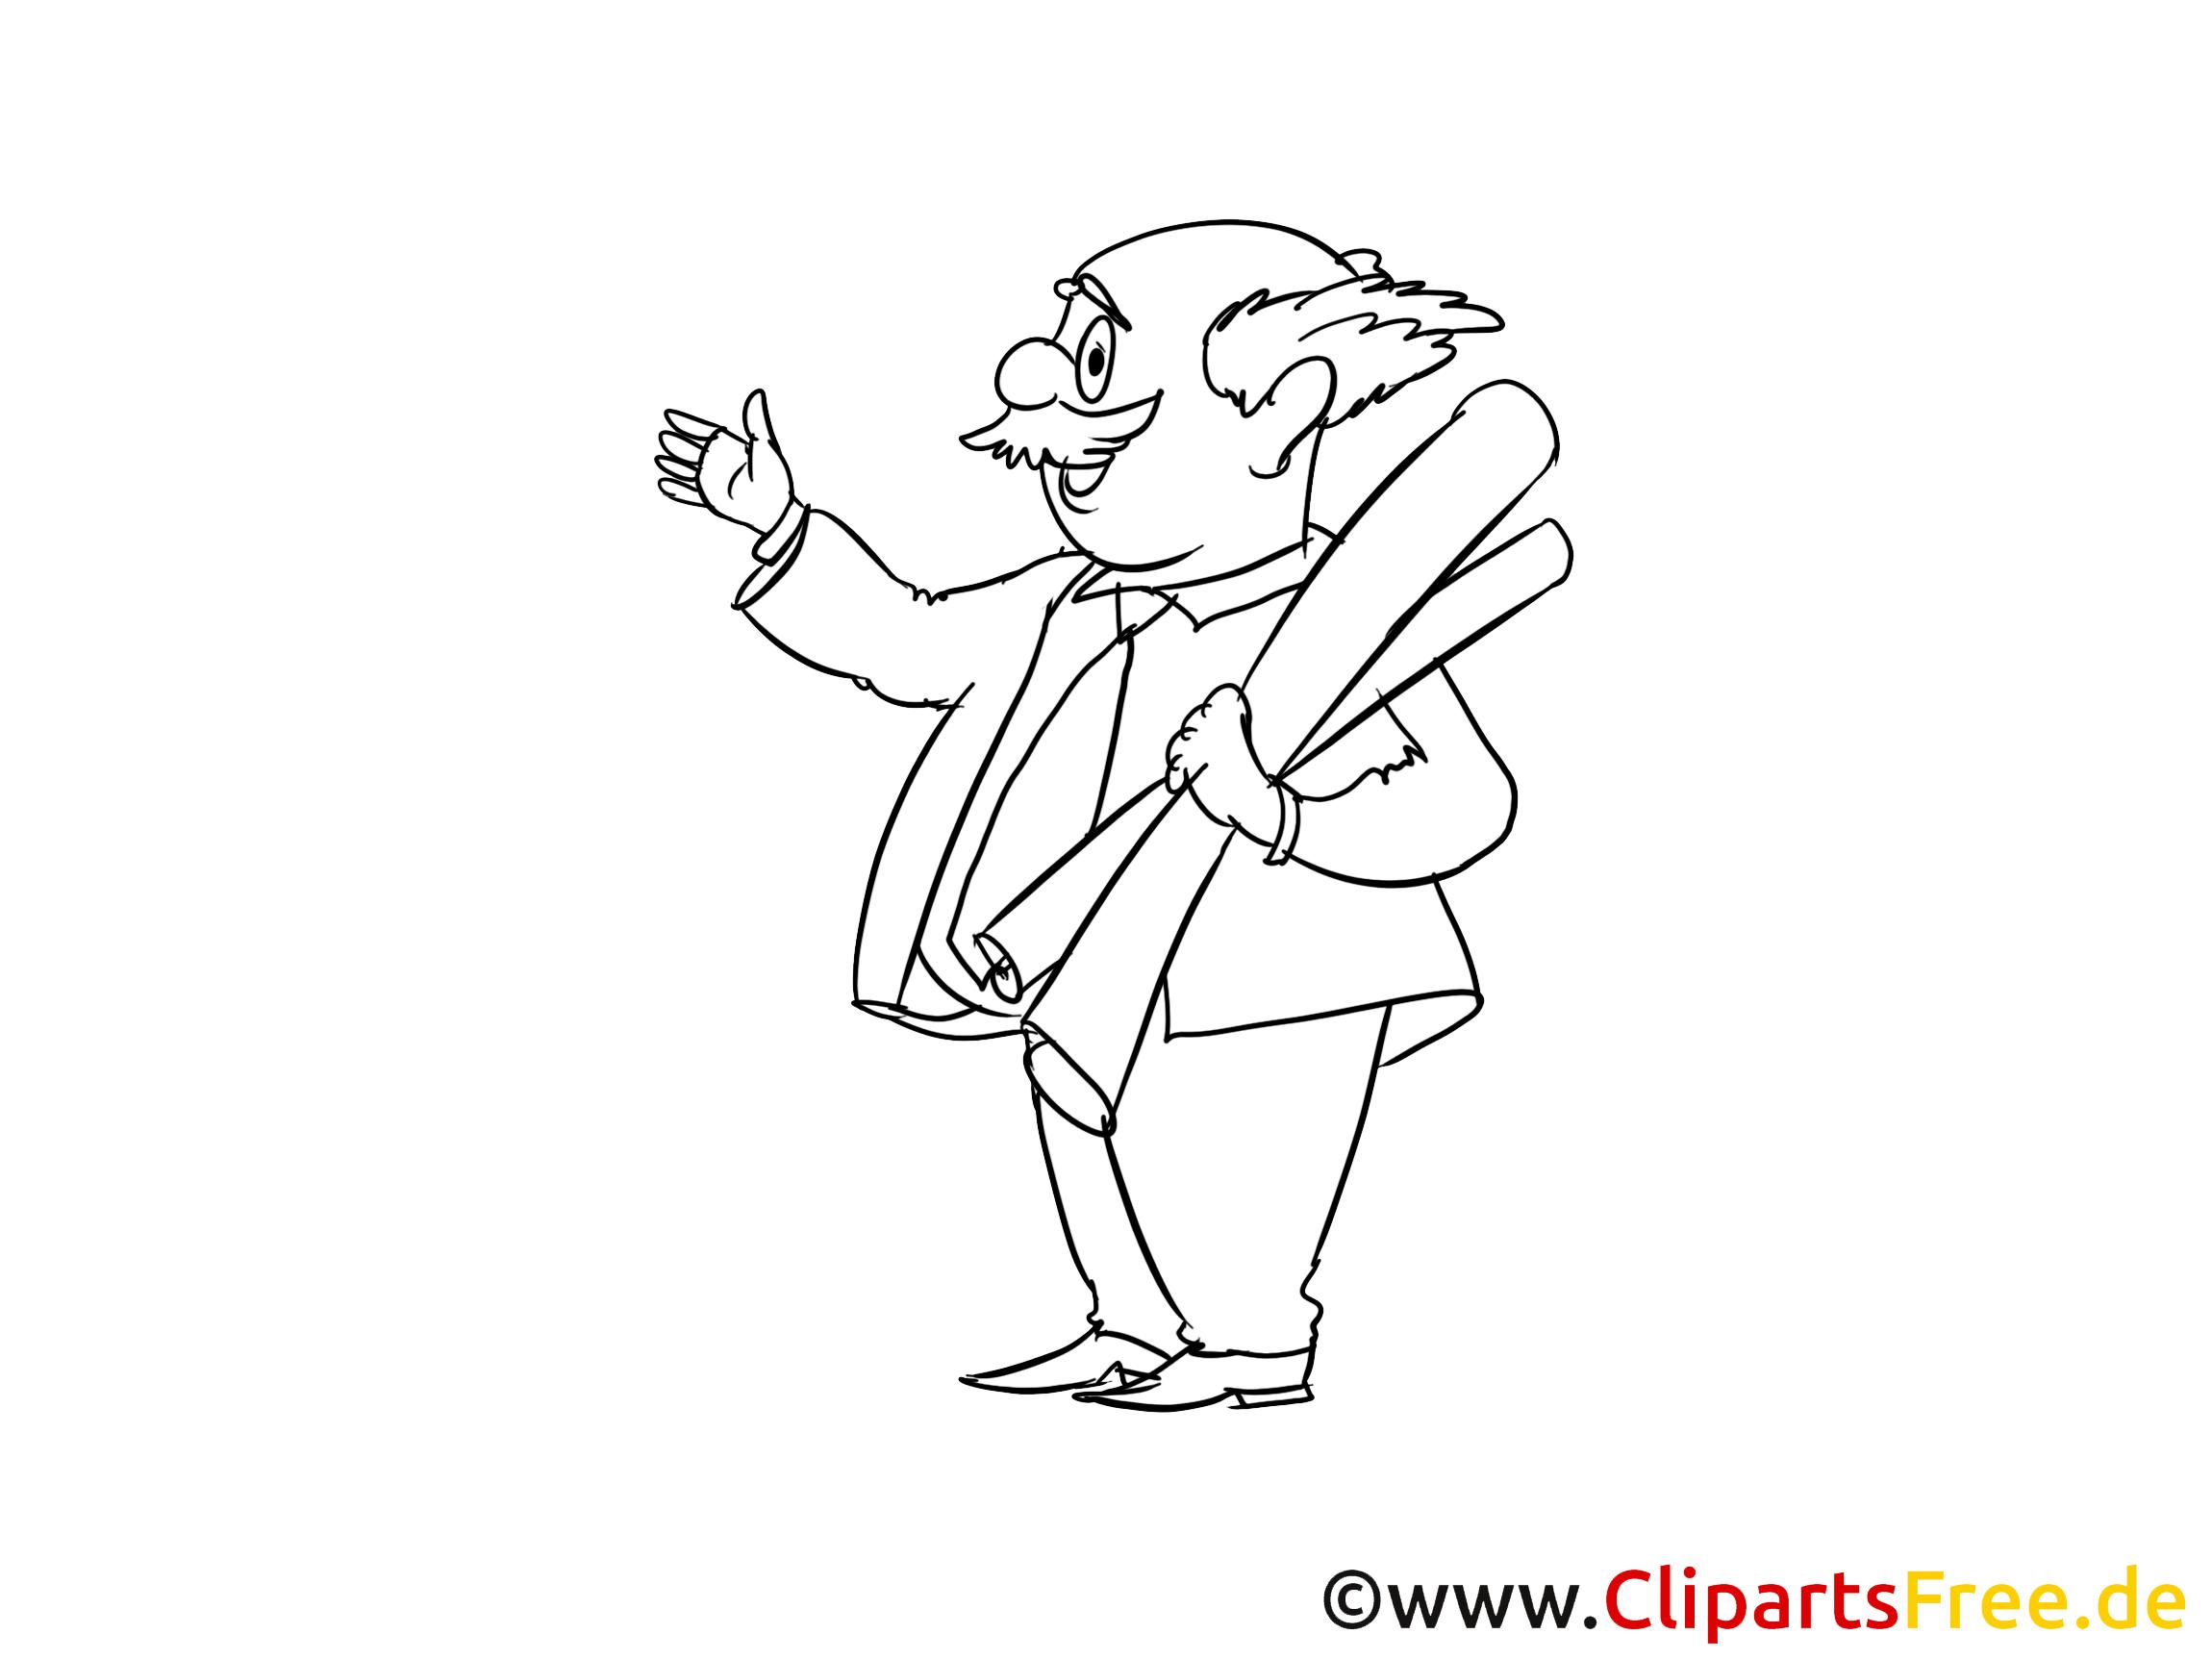 Professor Clipart, Bild, Zeichnung, Cartoon